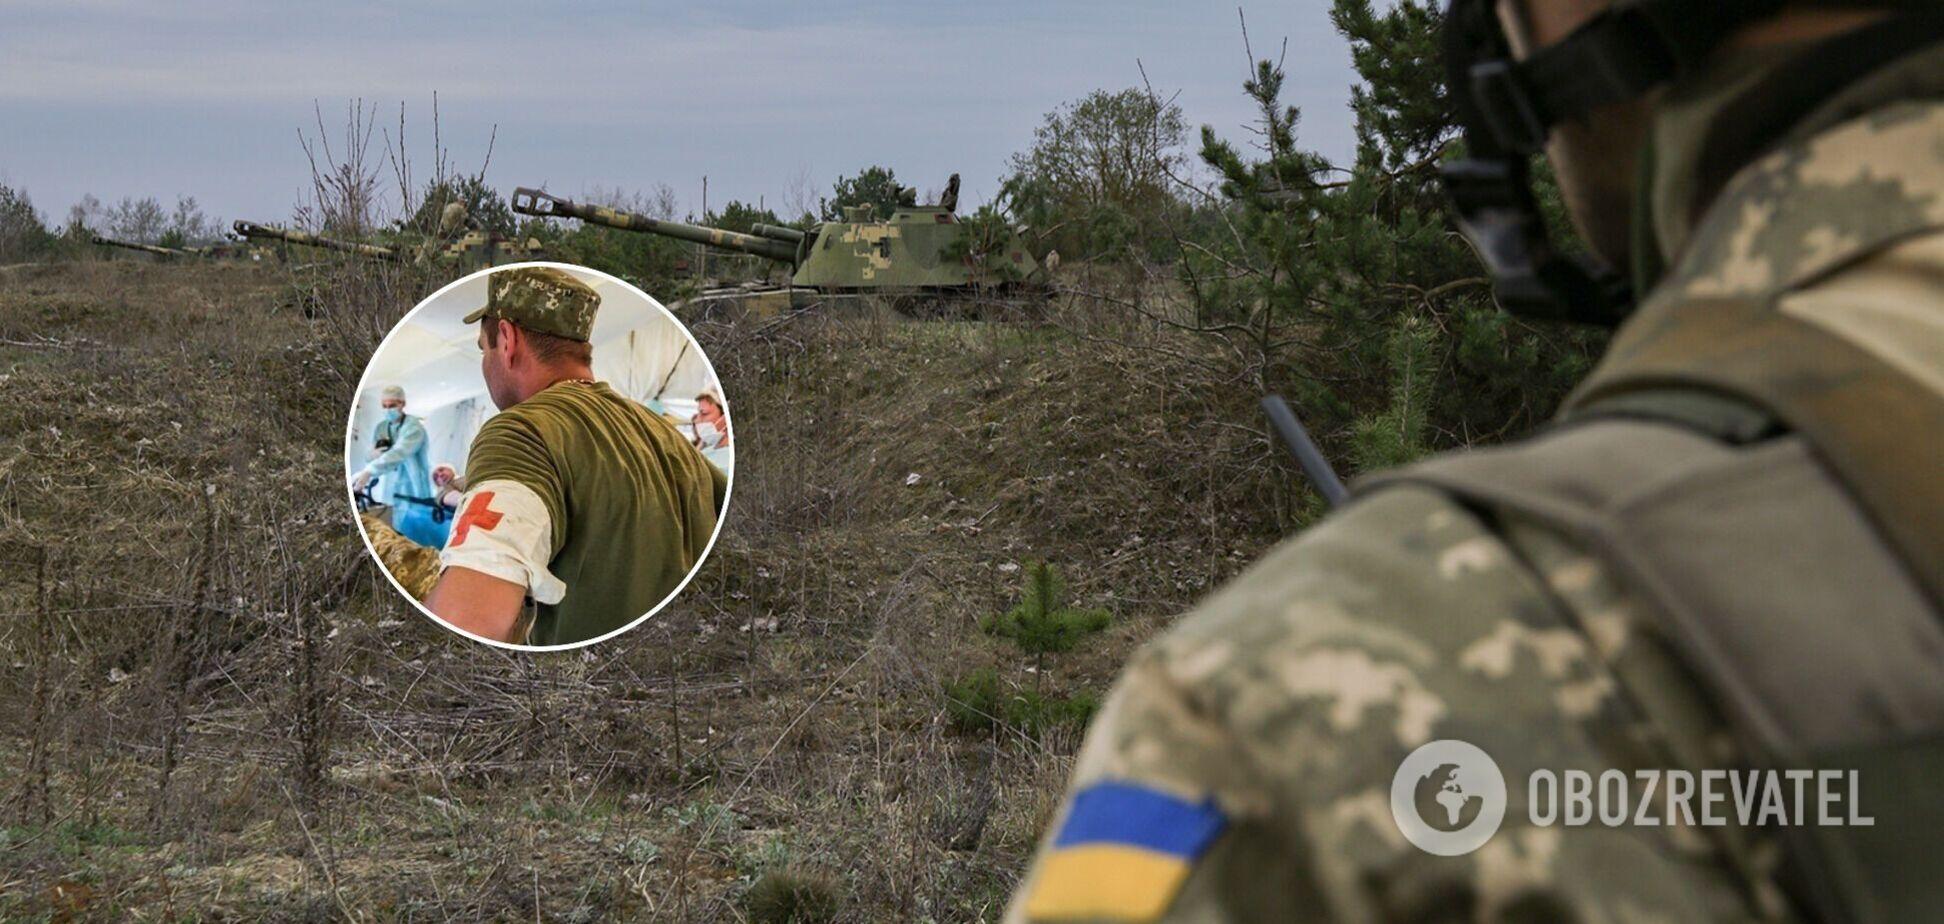 Вооруженные формирования РФ ранили воина Украины на Донбассе